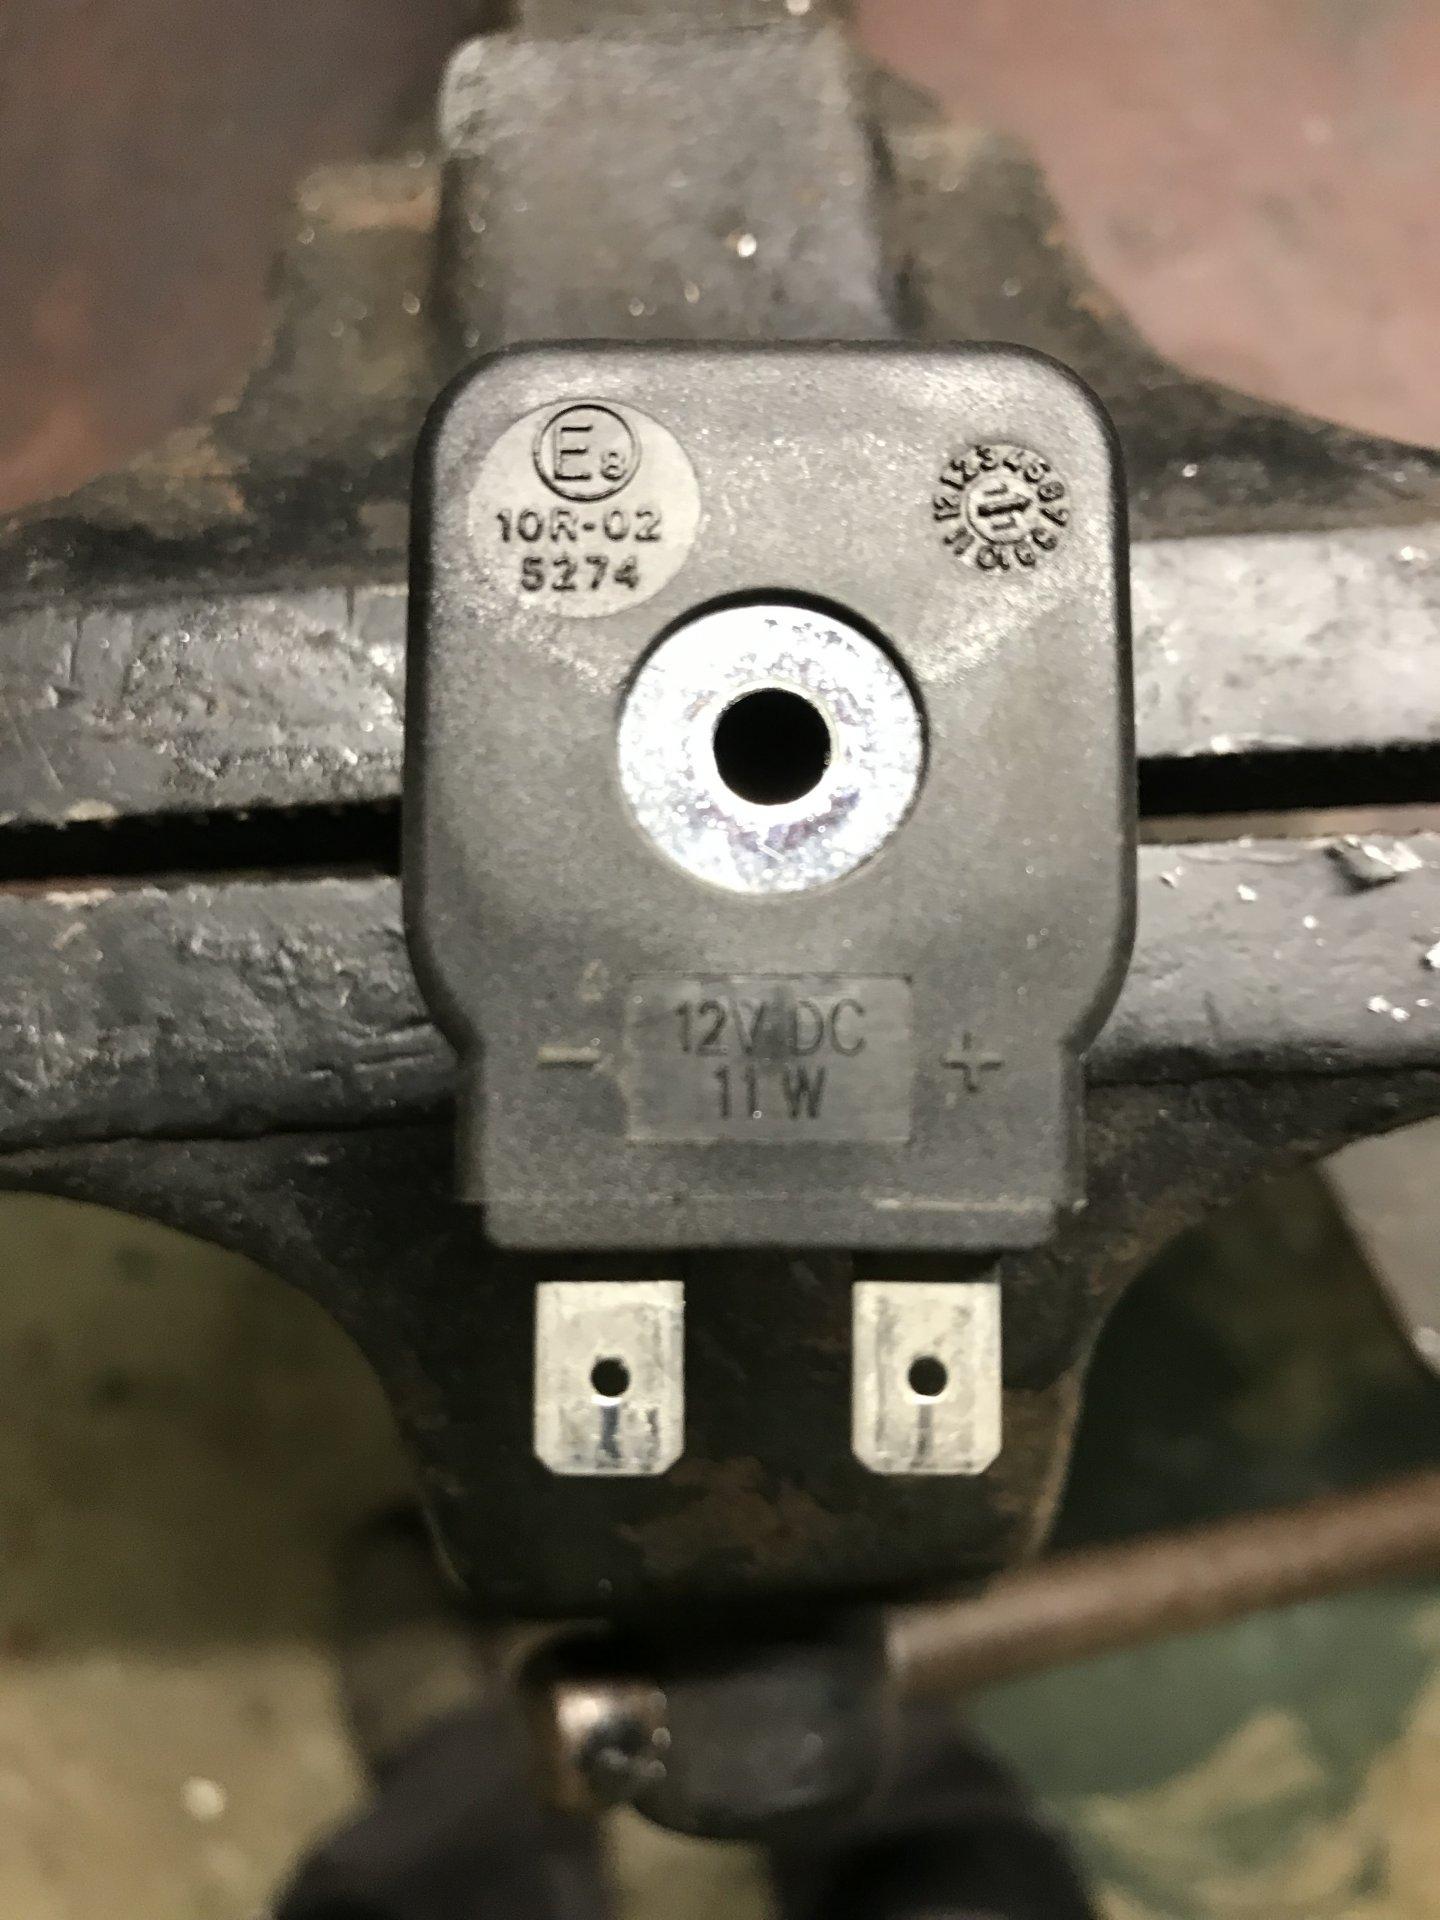 BC35A9E4-DEF5-47E9-810E-41FFC7A293AB.jpeg